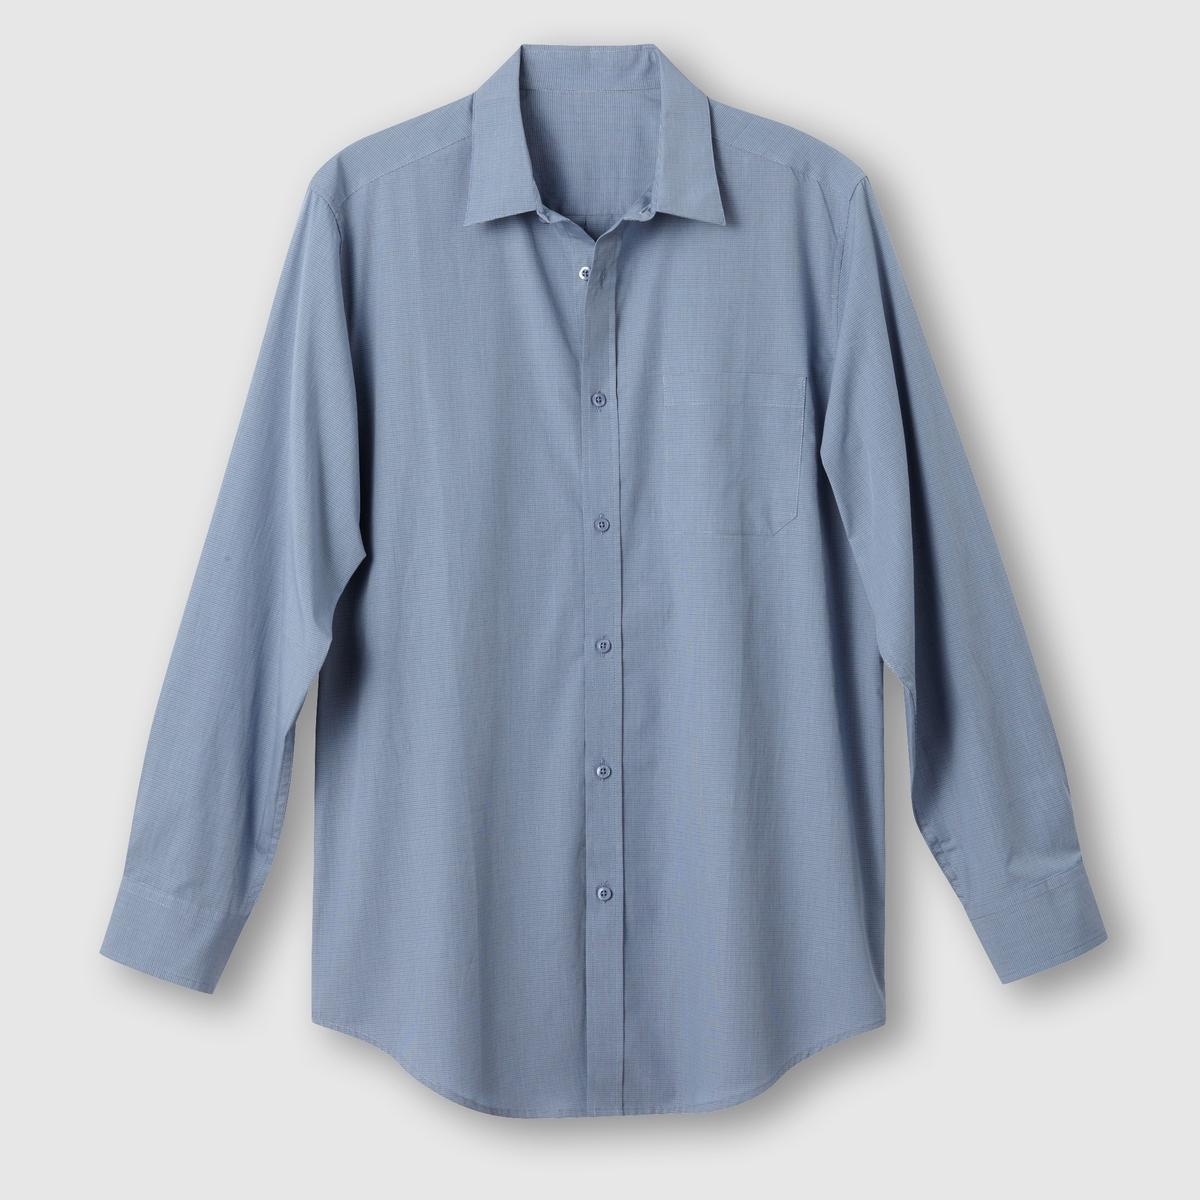 Рубашка из поплина, рост 1 (до 1,76 м)Рубашка с длинными рукавами.  Из оригинального поплина в полоску или в клетку с окрашенными волокнами. Воротник со свободными уголками. 1 нагрудный карман. Складка с вешалкой сзади. Слегка закругленный низ. Поплин, 100% хлопок. Рост 1 (при росте до 1,76 м) :  длина рубашки 83 см, длина рукава 62 см. Есть модели на рост 2 и 3.<br><br>Цвет: в клетку серый/синий,в полоску бордовый/белый